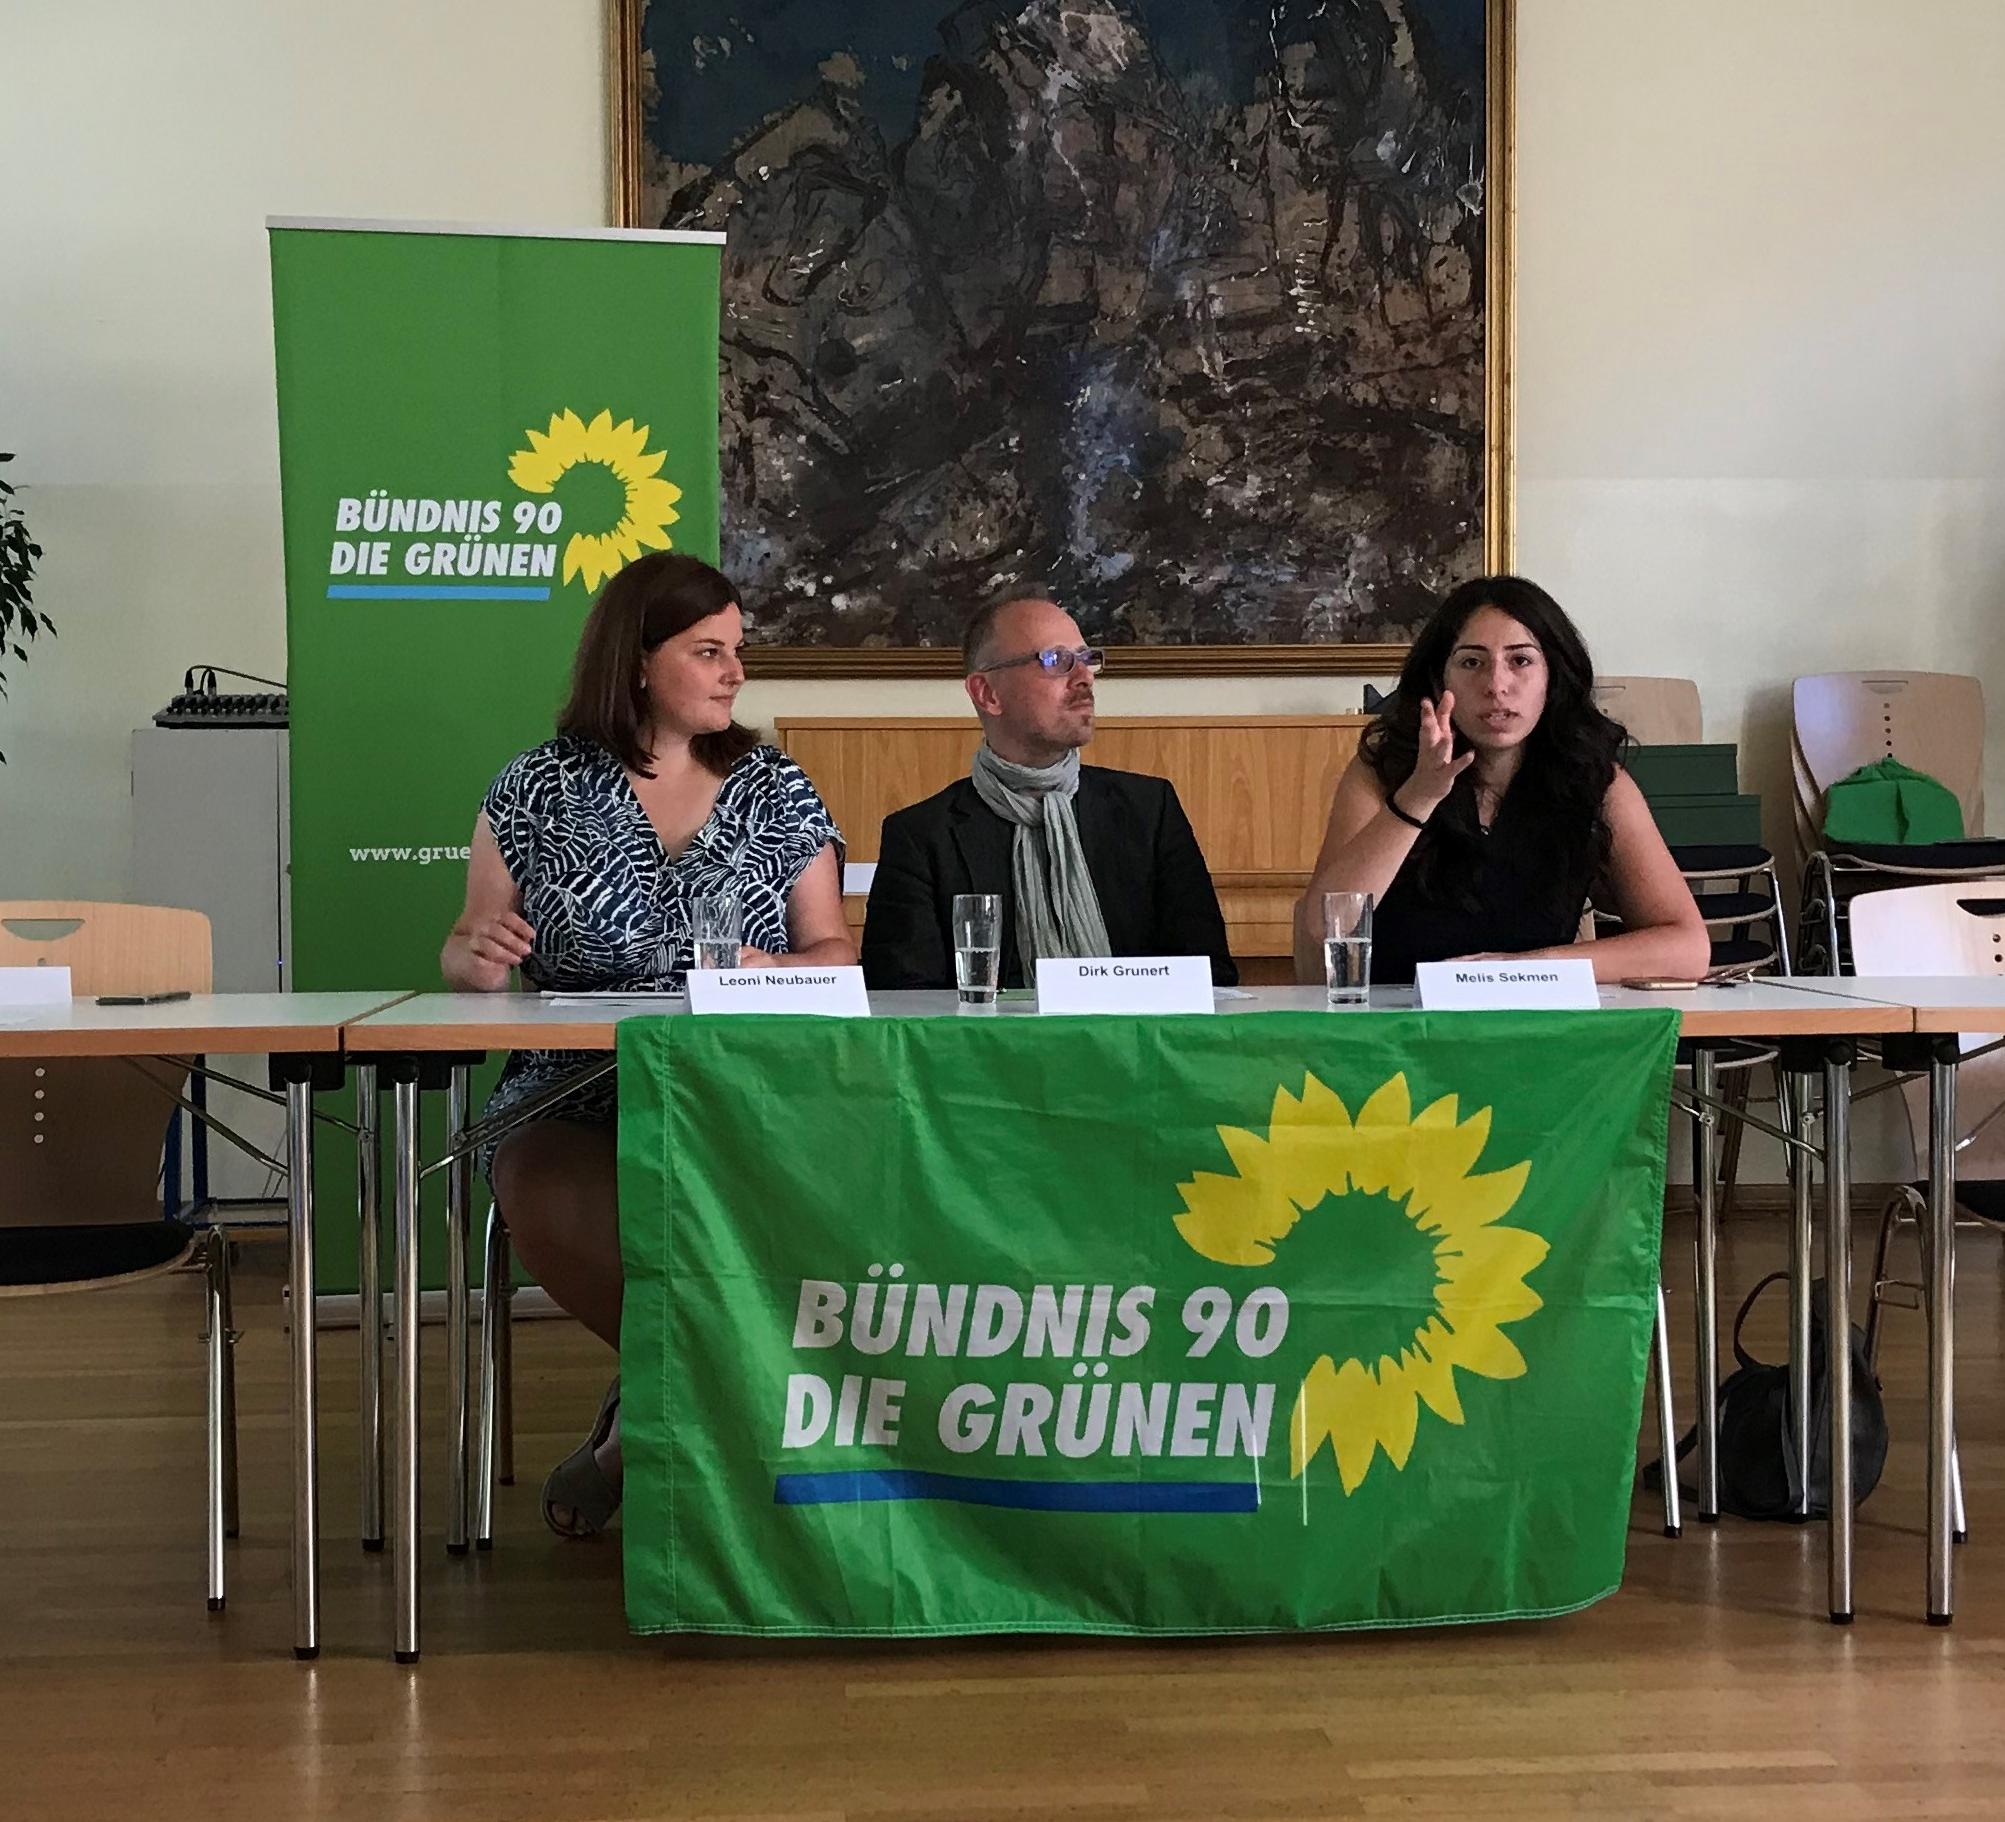 GRÜNE Pressekonferenz mit Leoni Neubauer, Dirk Grunert und Melis Sekmen